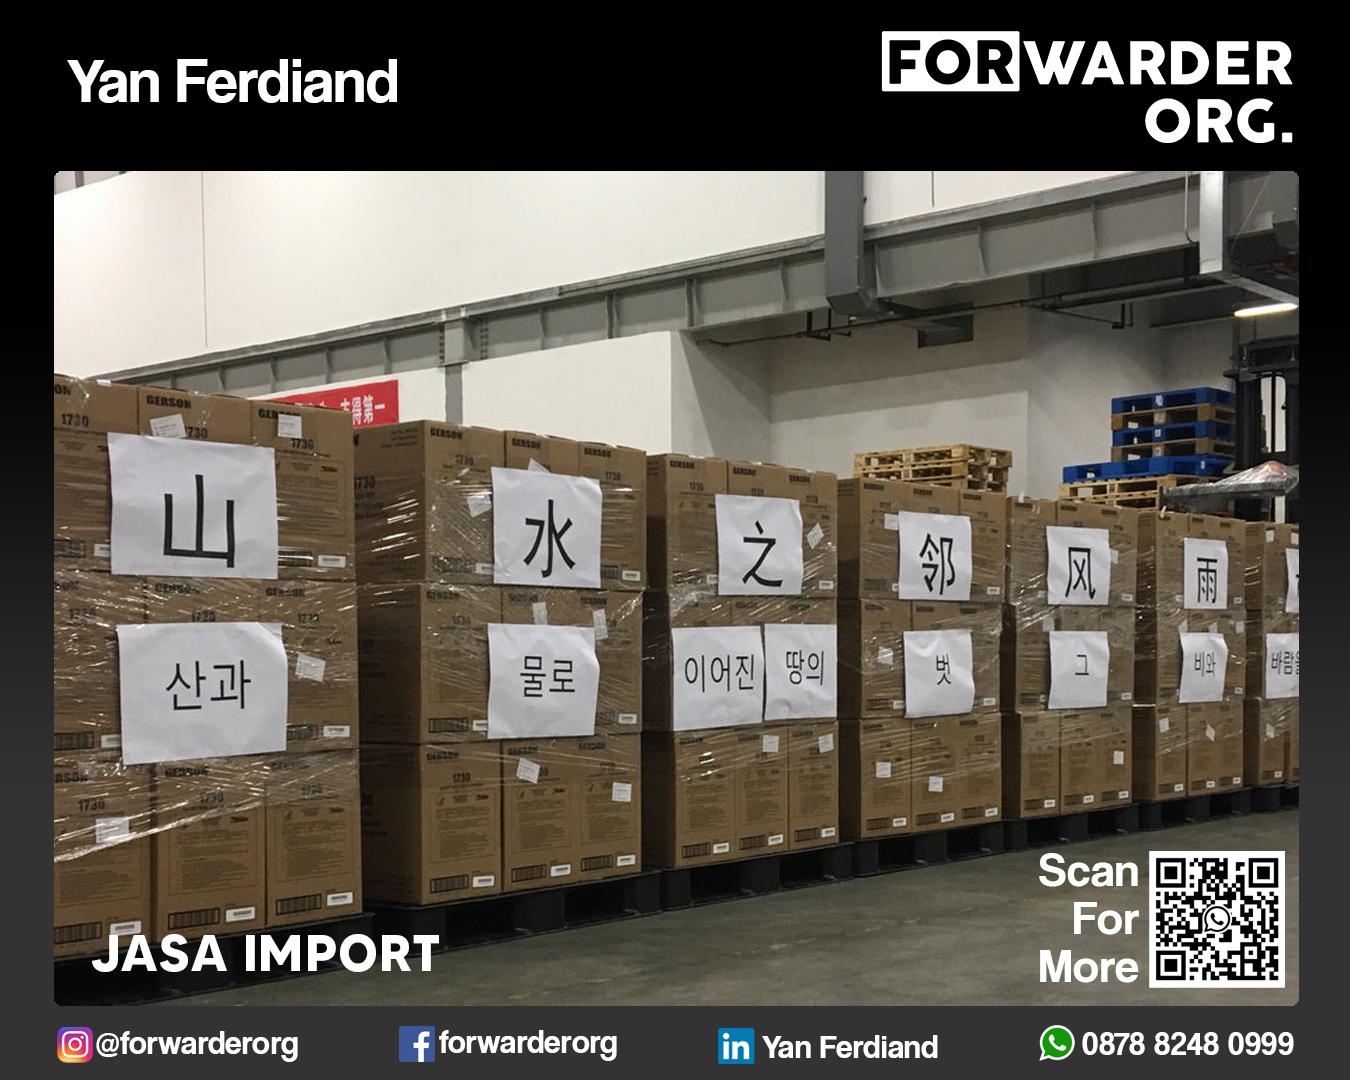 Jasa Import Mesin Pabrik Baru dan Bekas | FORWARDER ORG